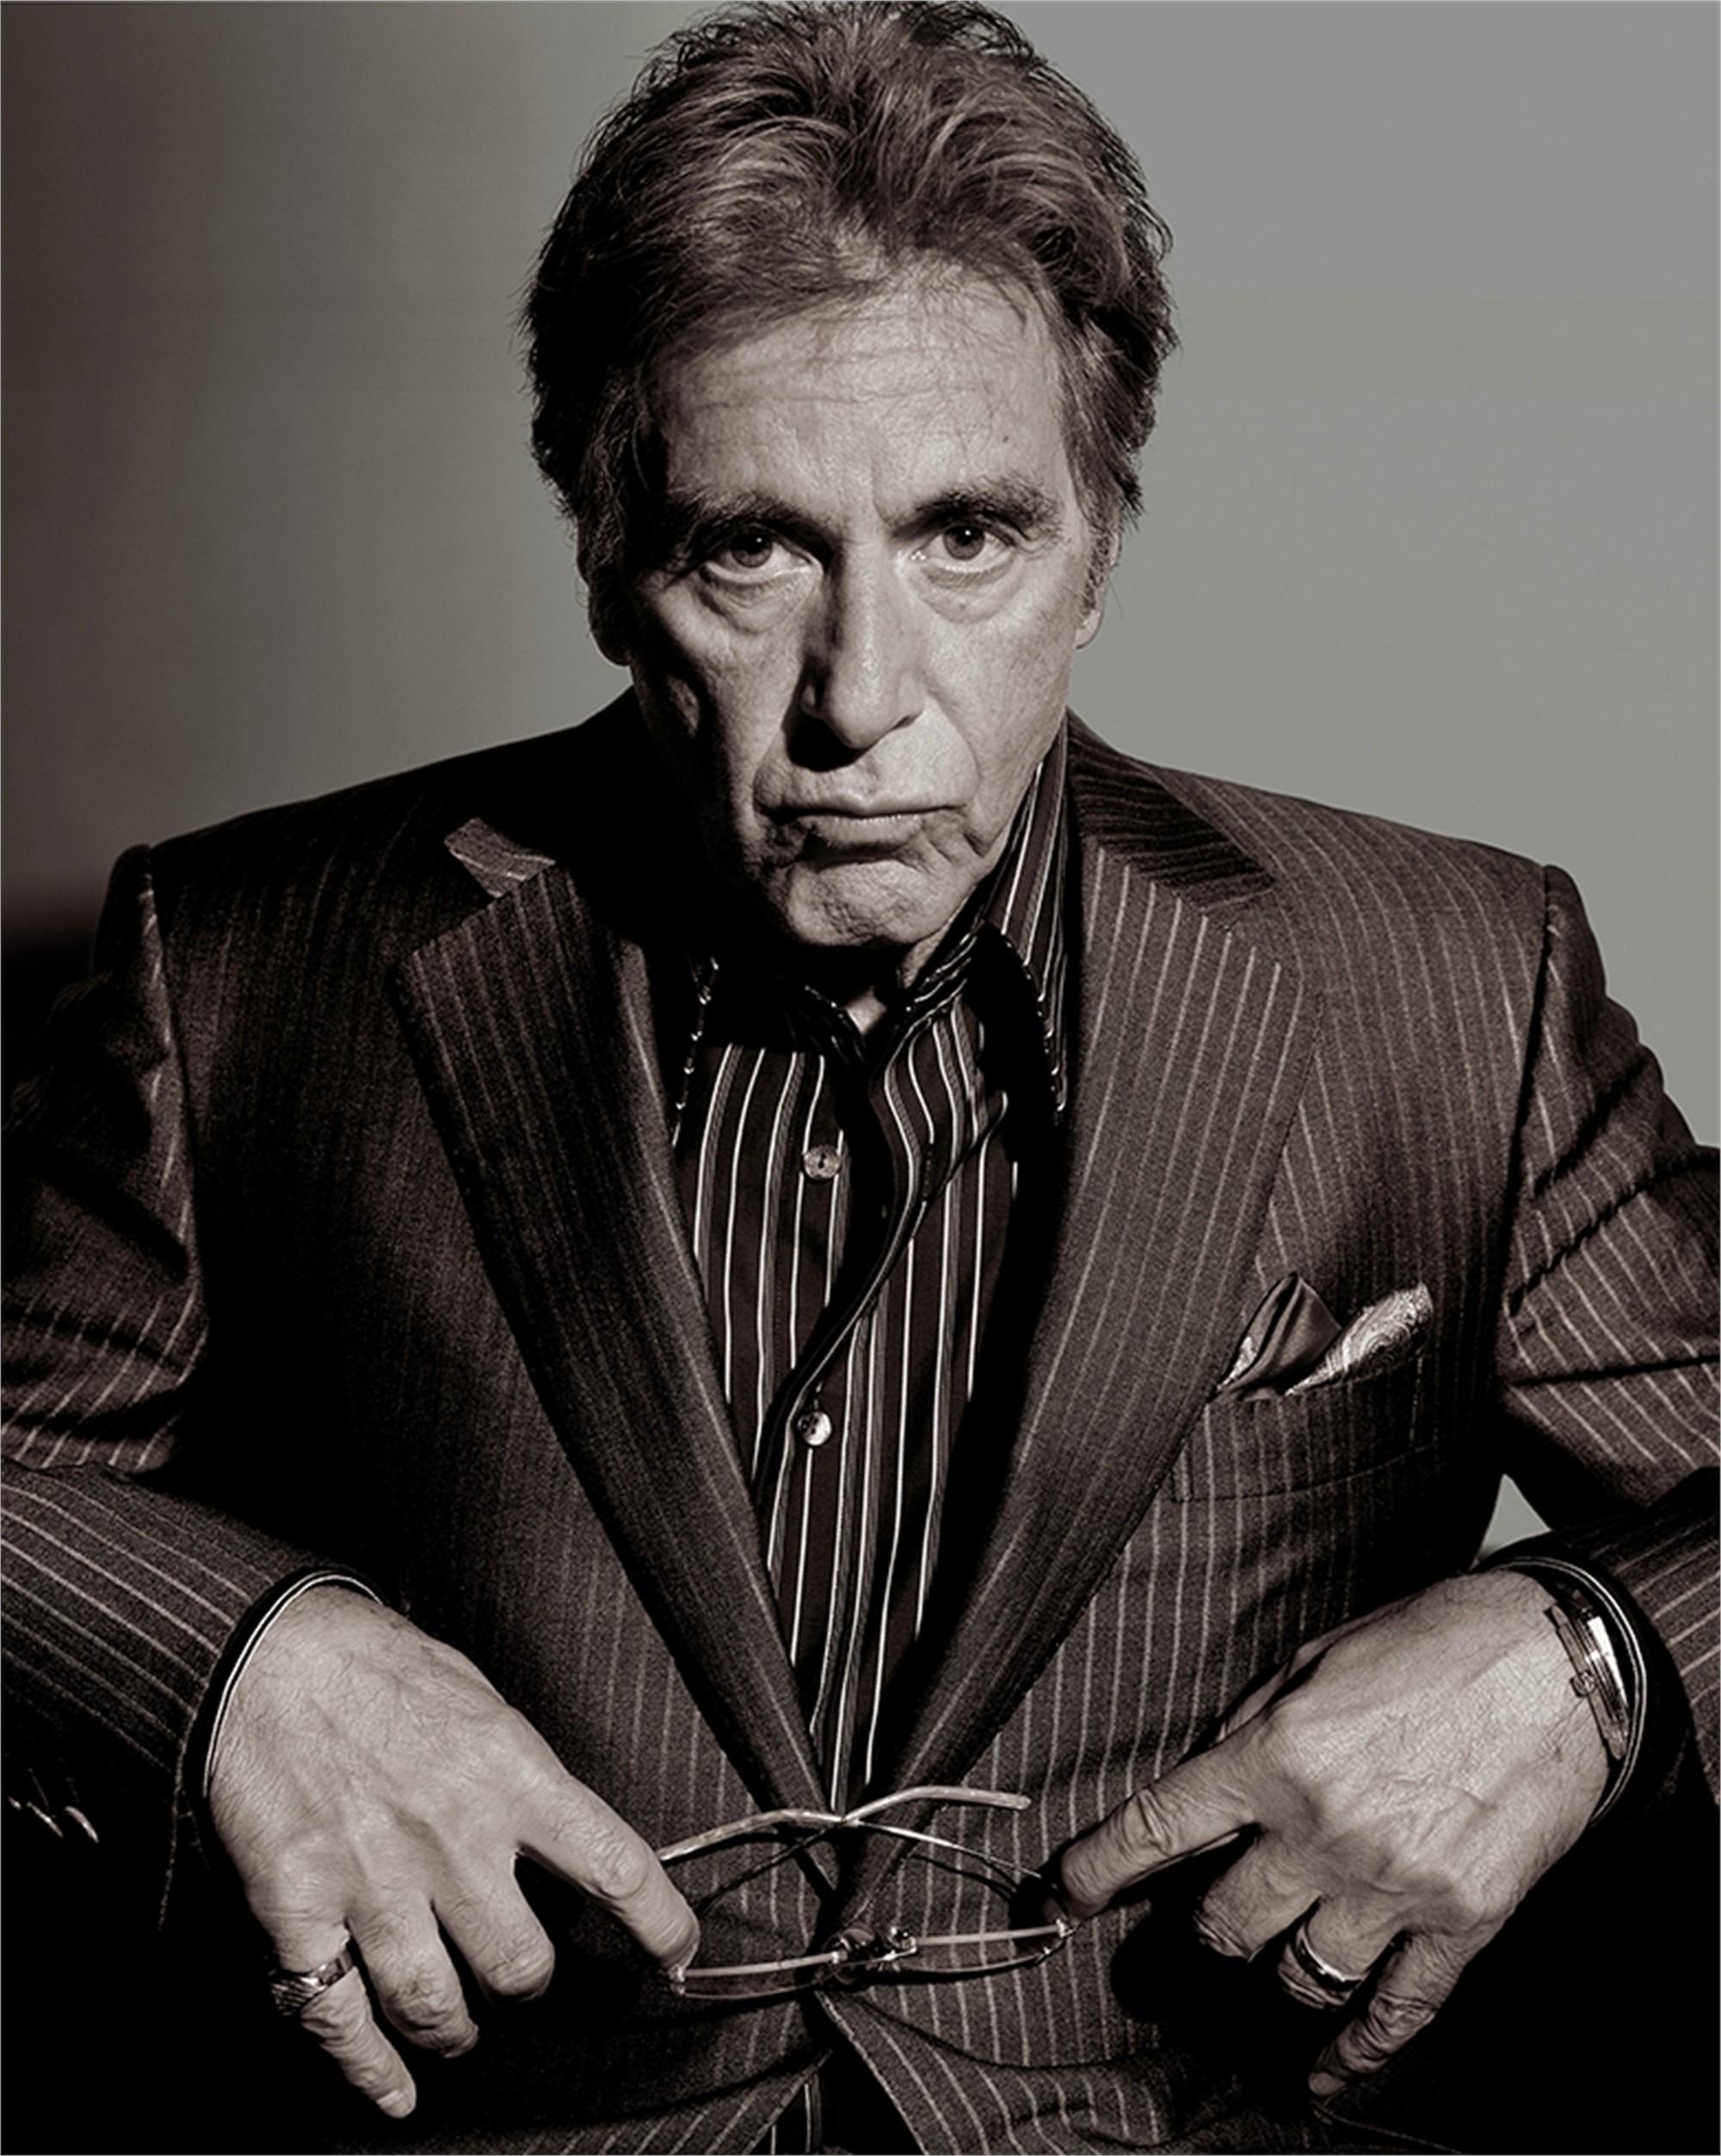 06059 Al Pacino BW by Timothy White